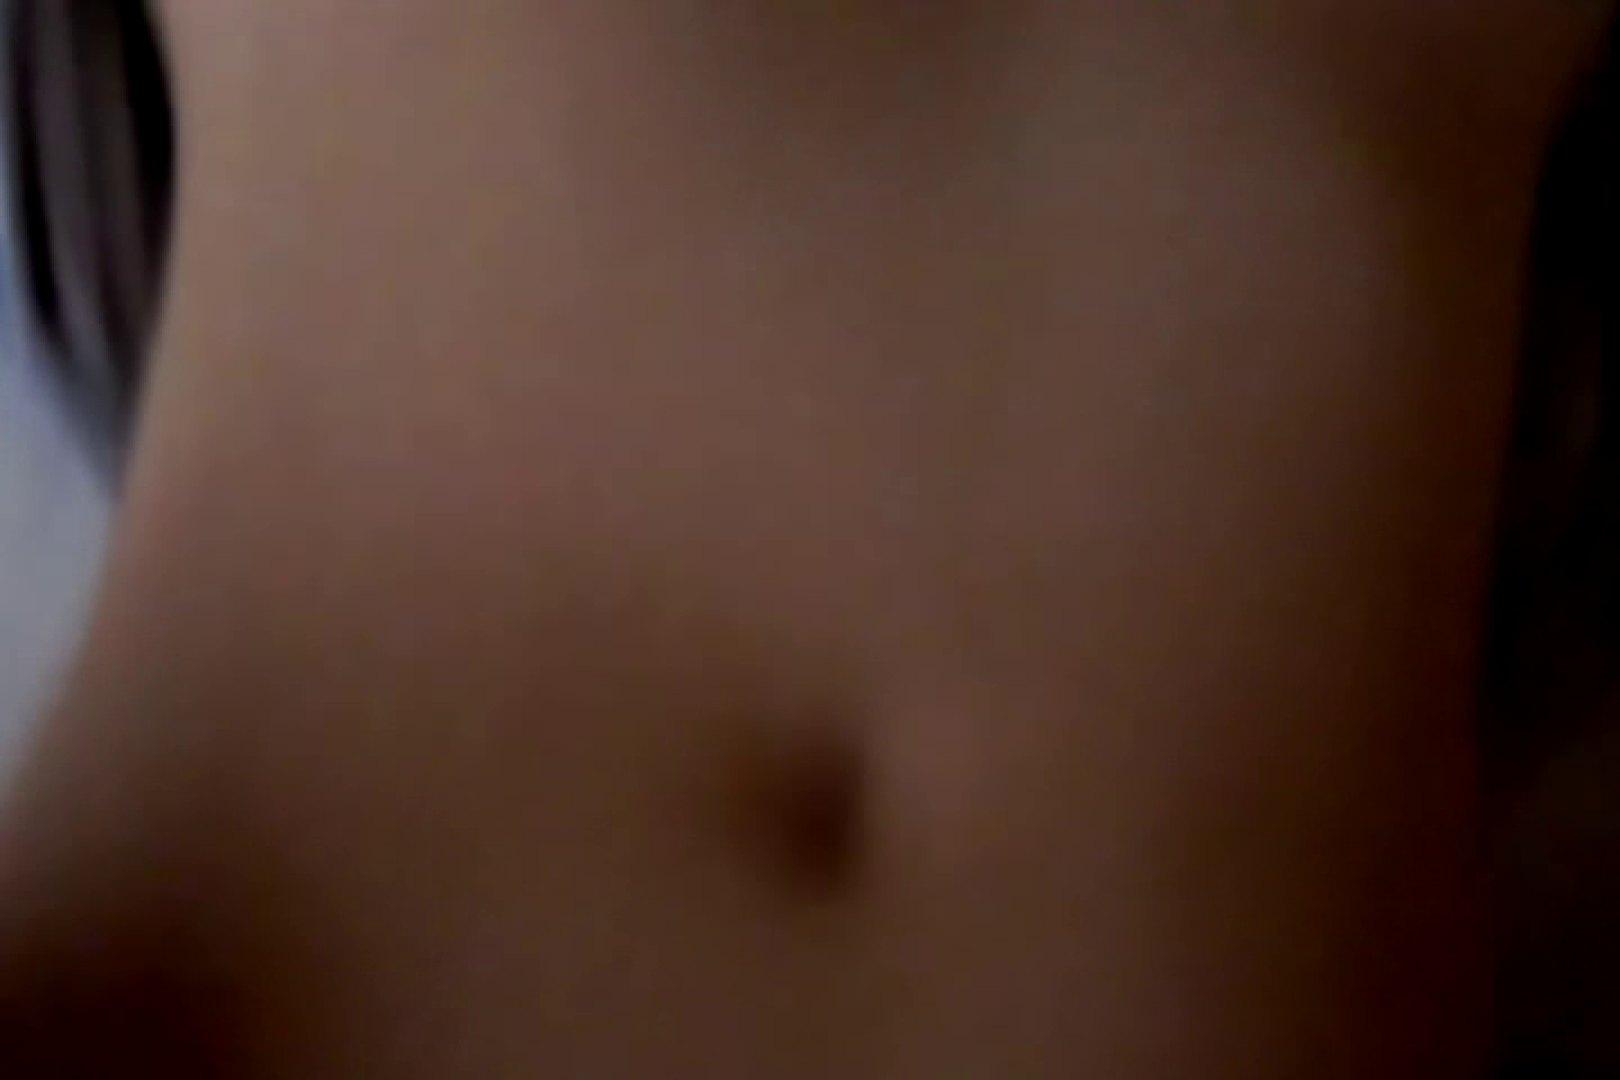 ウイルス流出 レオ&マンコのアルバム クンニ エロ画像 101連発 99